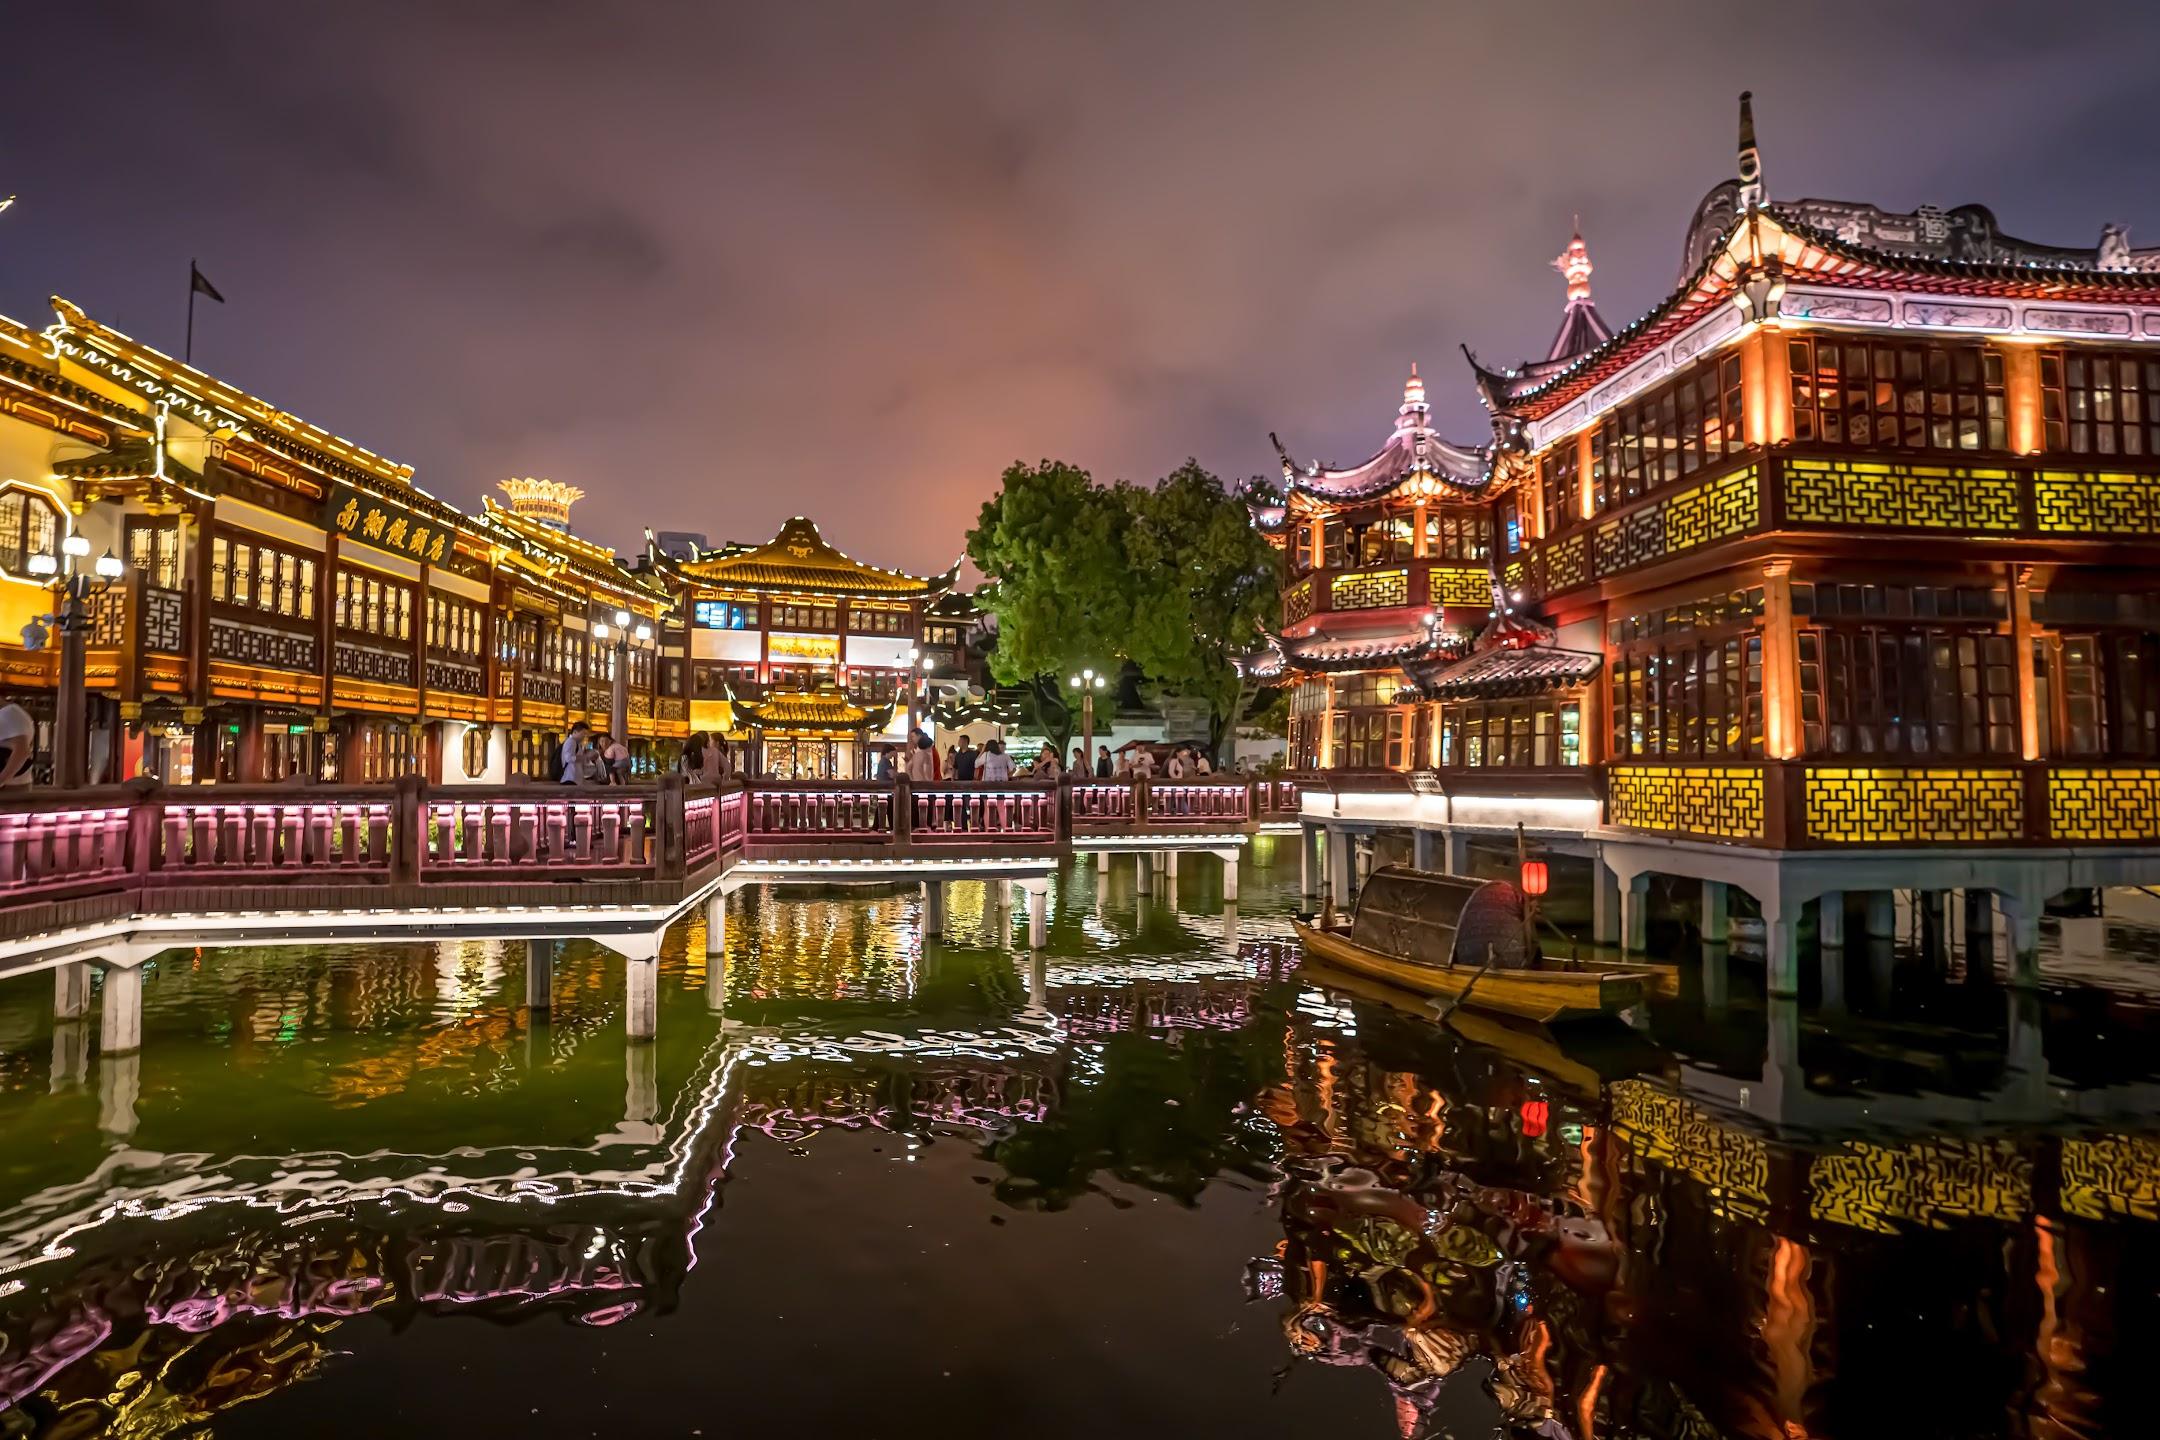 上海 豫園 湖心亭 ライトアップ2